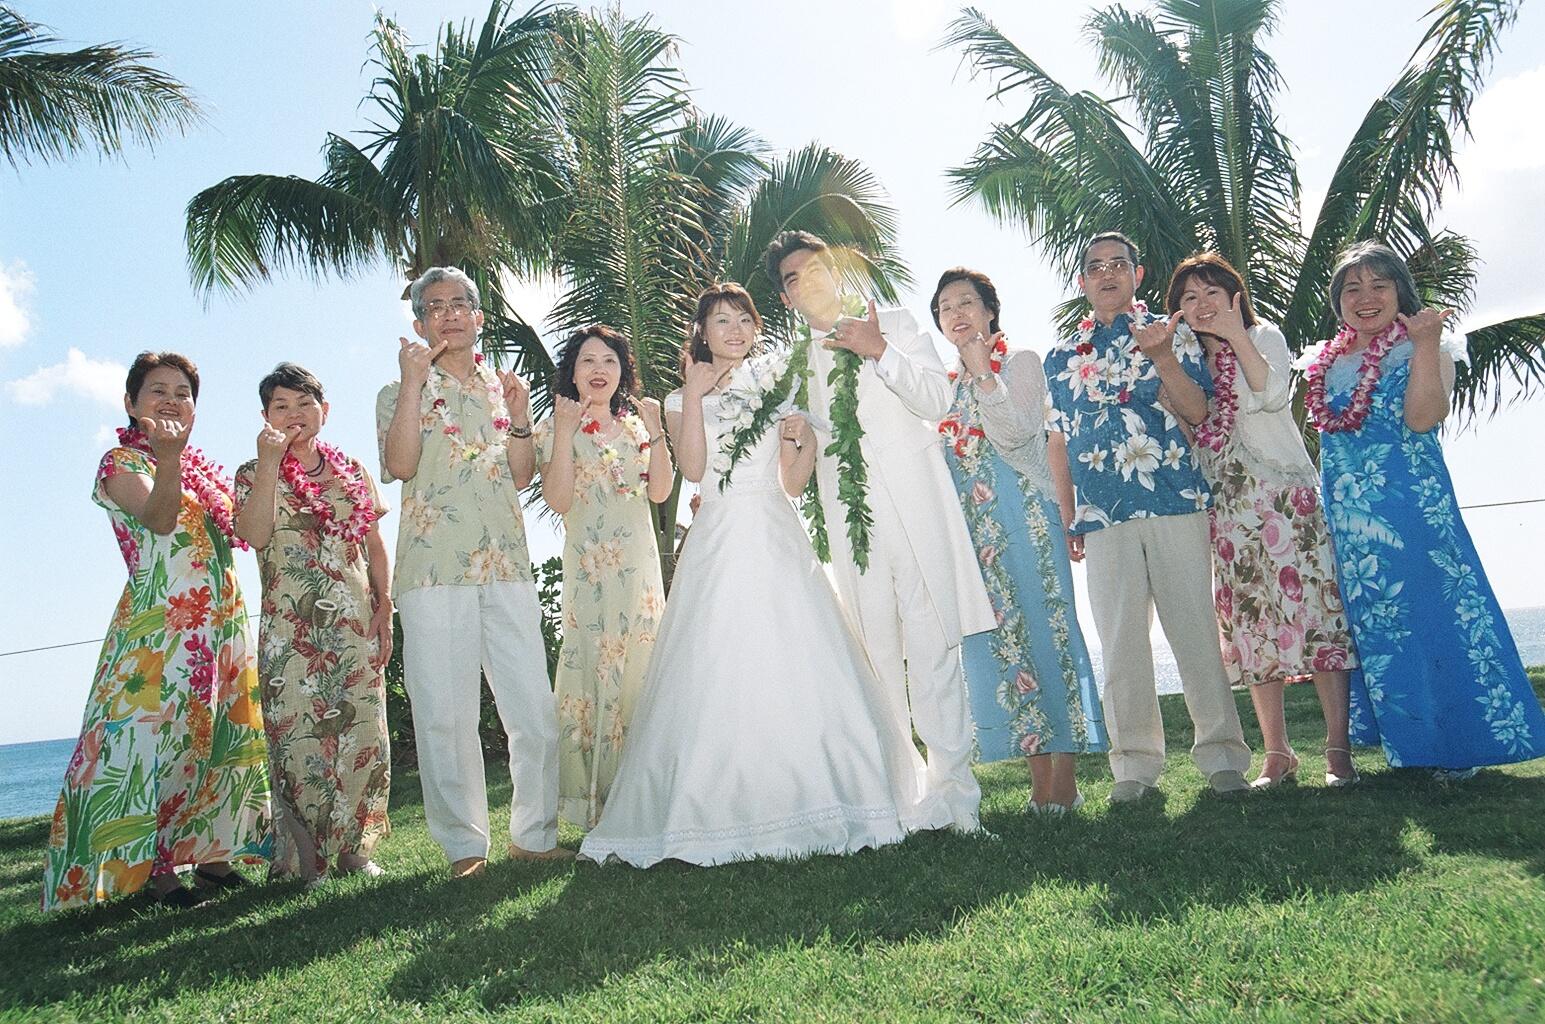 12afd3d711df3 Happy Wedding in Hawaii  wedding 参列者の服装 - livedoor Blog ...